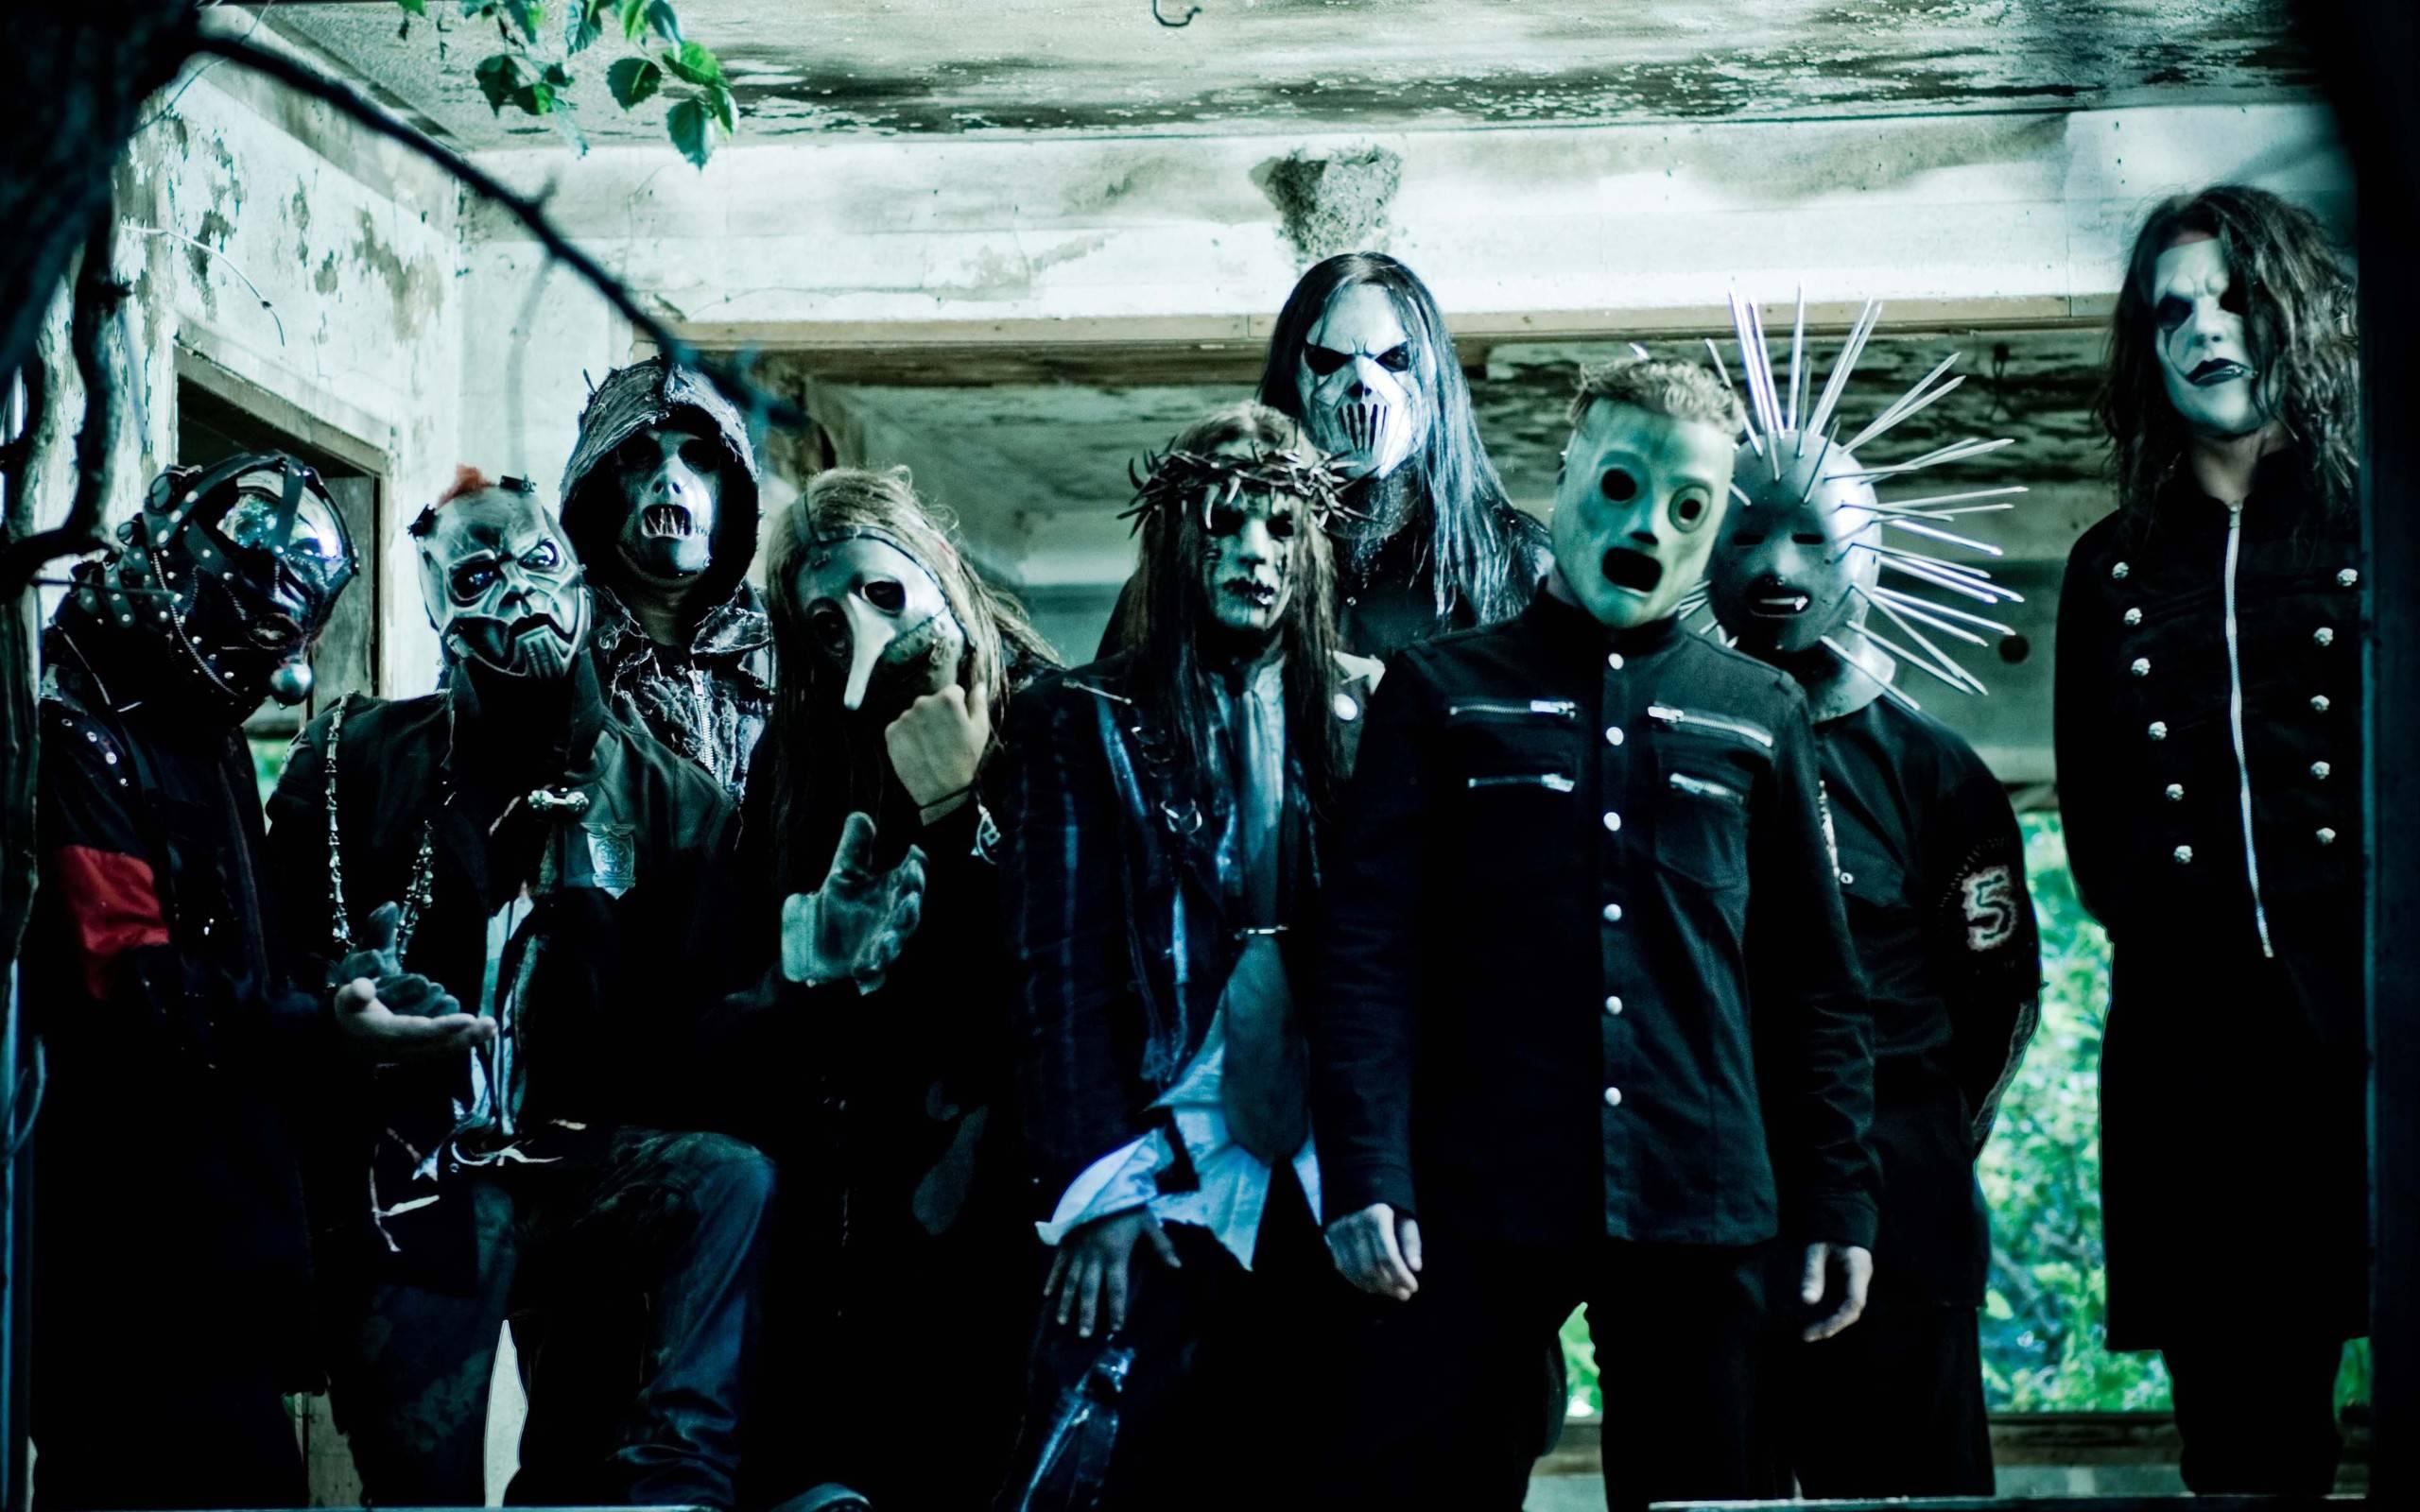 Slipknot Wallpapers 2015 2560x1600